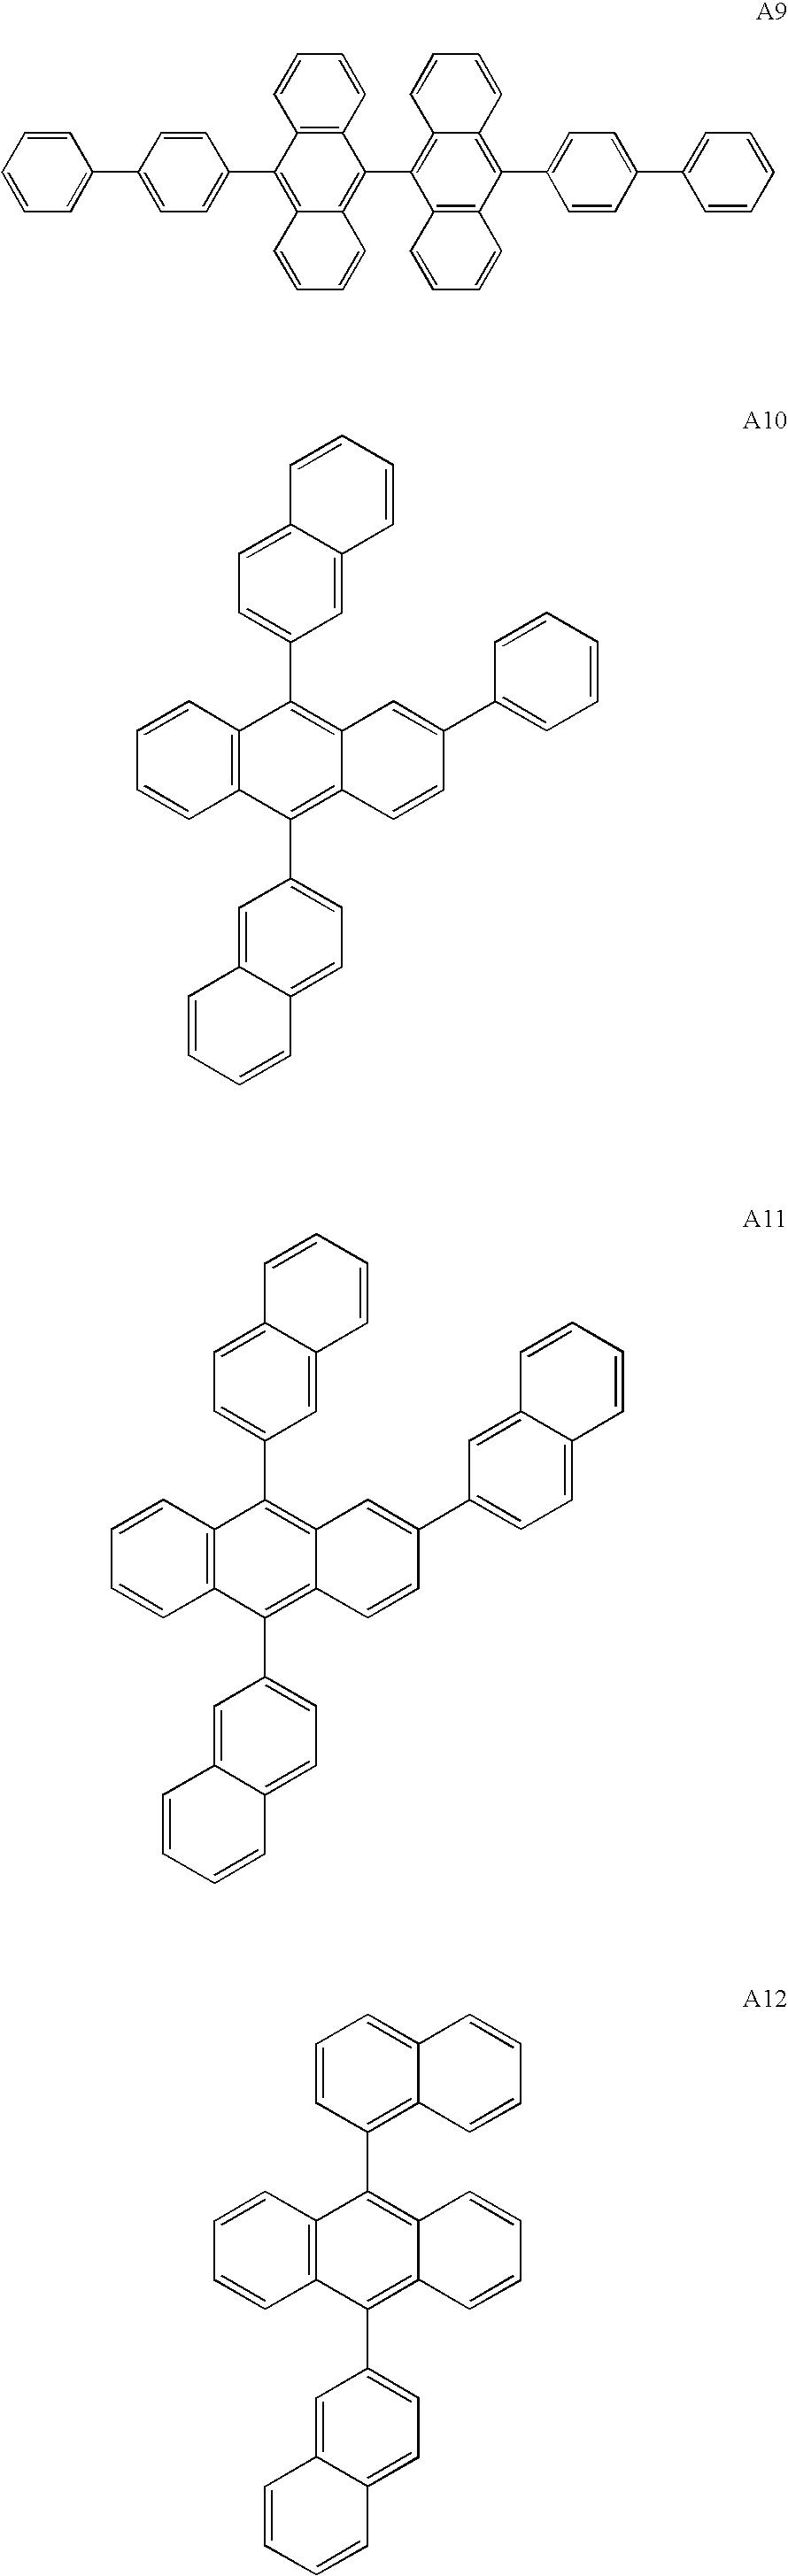 Figure US20090053559A1-20090226-C00004